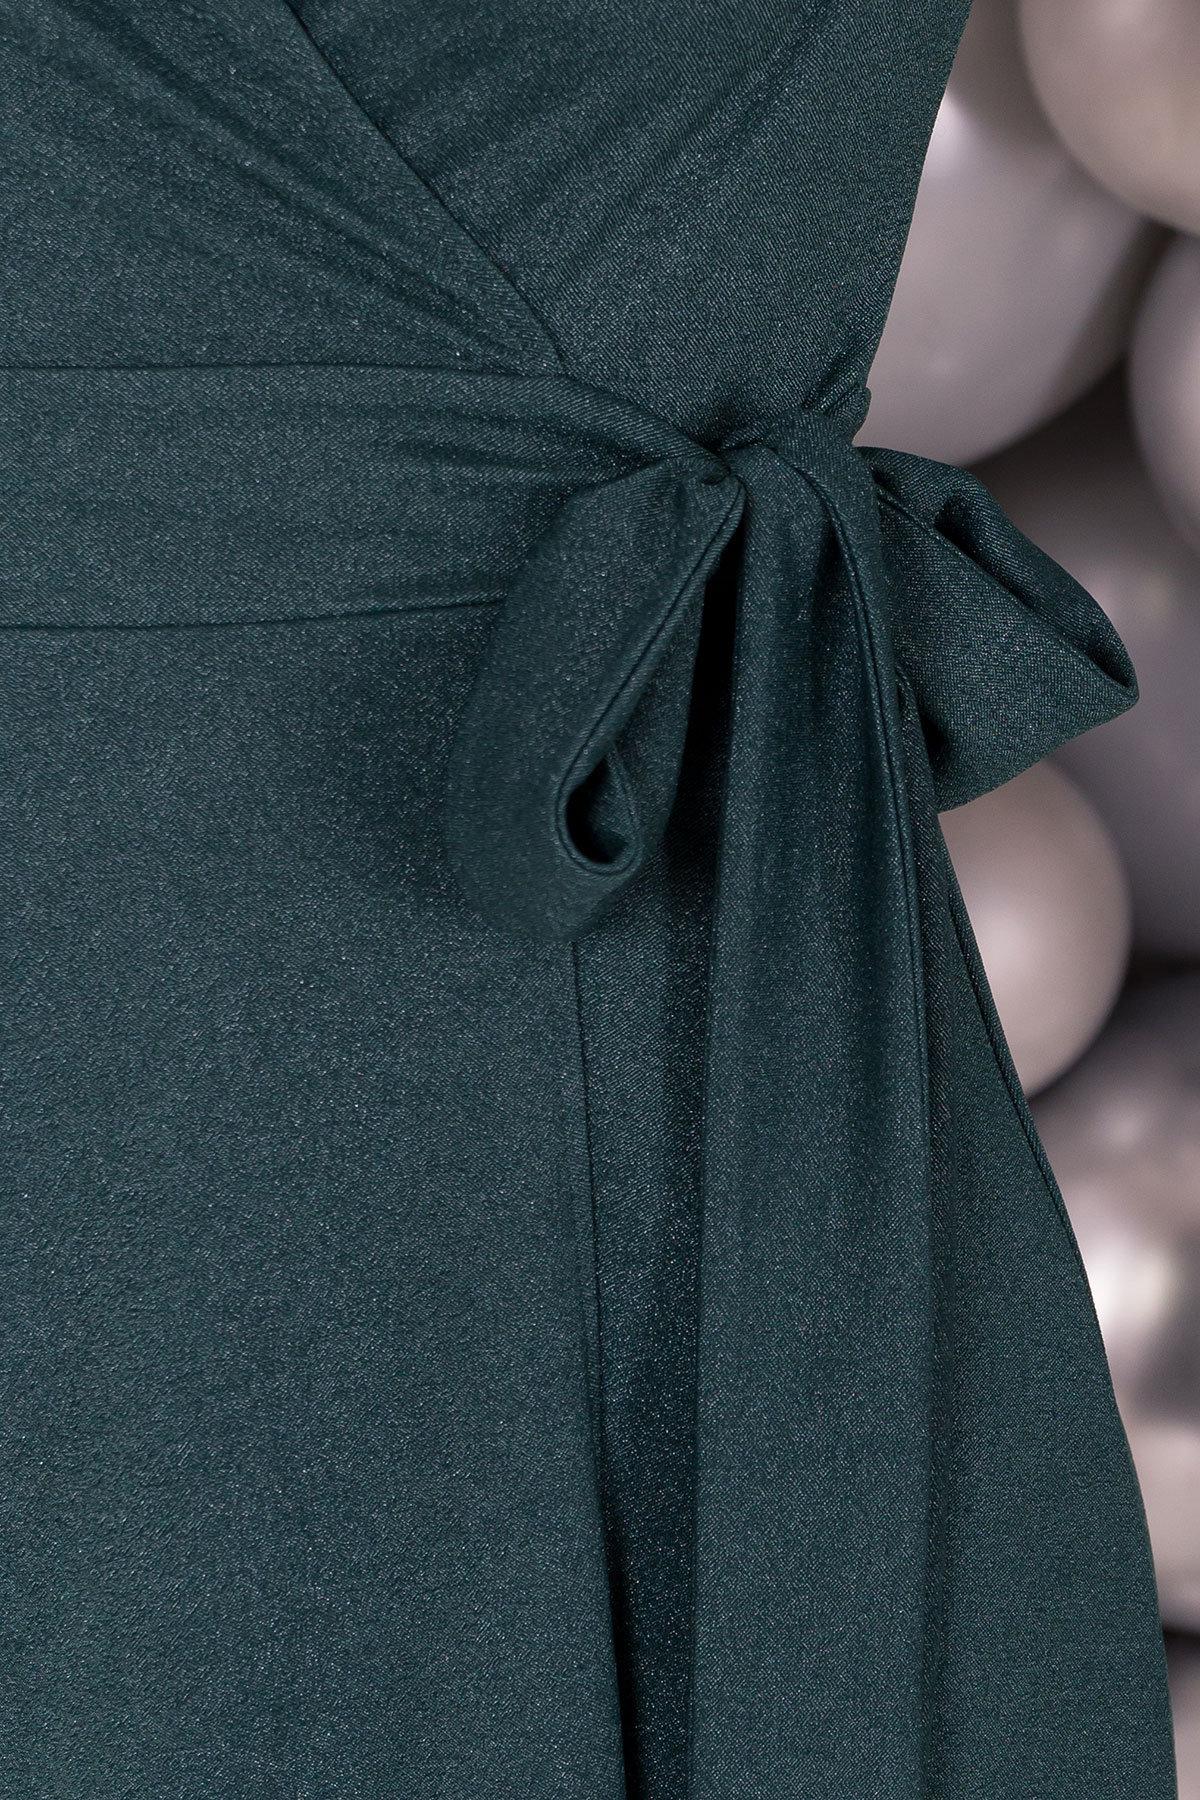 Платье миди Жозель 5863 АРТ. 38226 Цвет: Зеленый - фото 4, интернет магазин tm-modus.ru